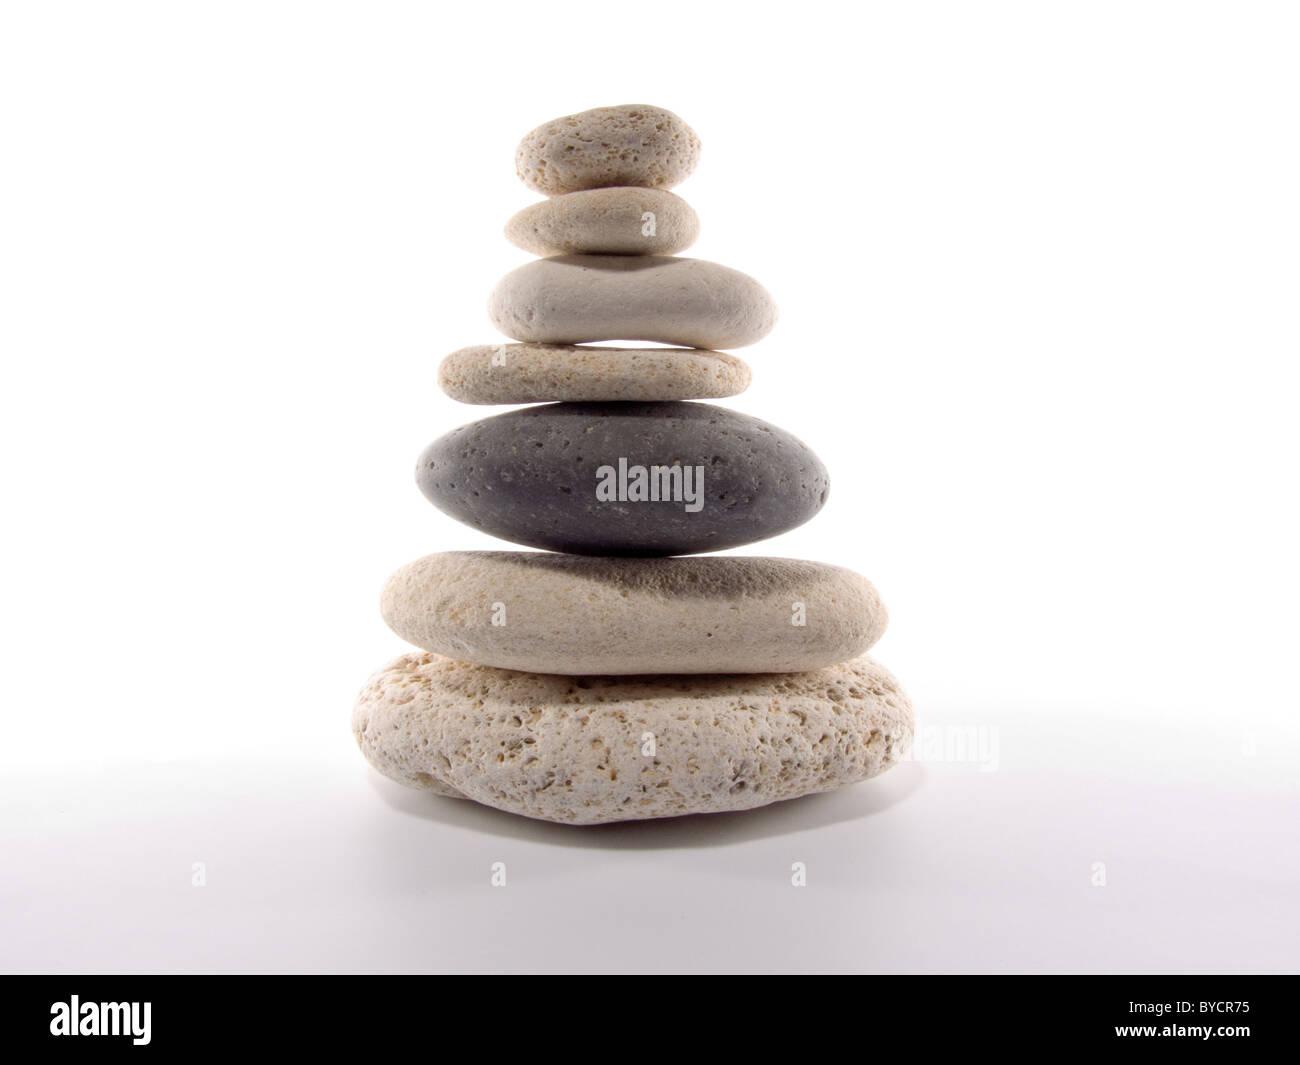 Steinen, balancieren auf Anordnung, Konzepte, Stabilität, isoliert, weißes, Stapel, Zen-artigen, Kiesel, Stockbild